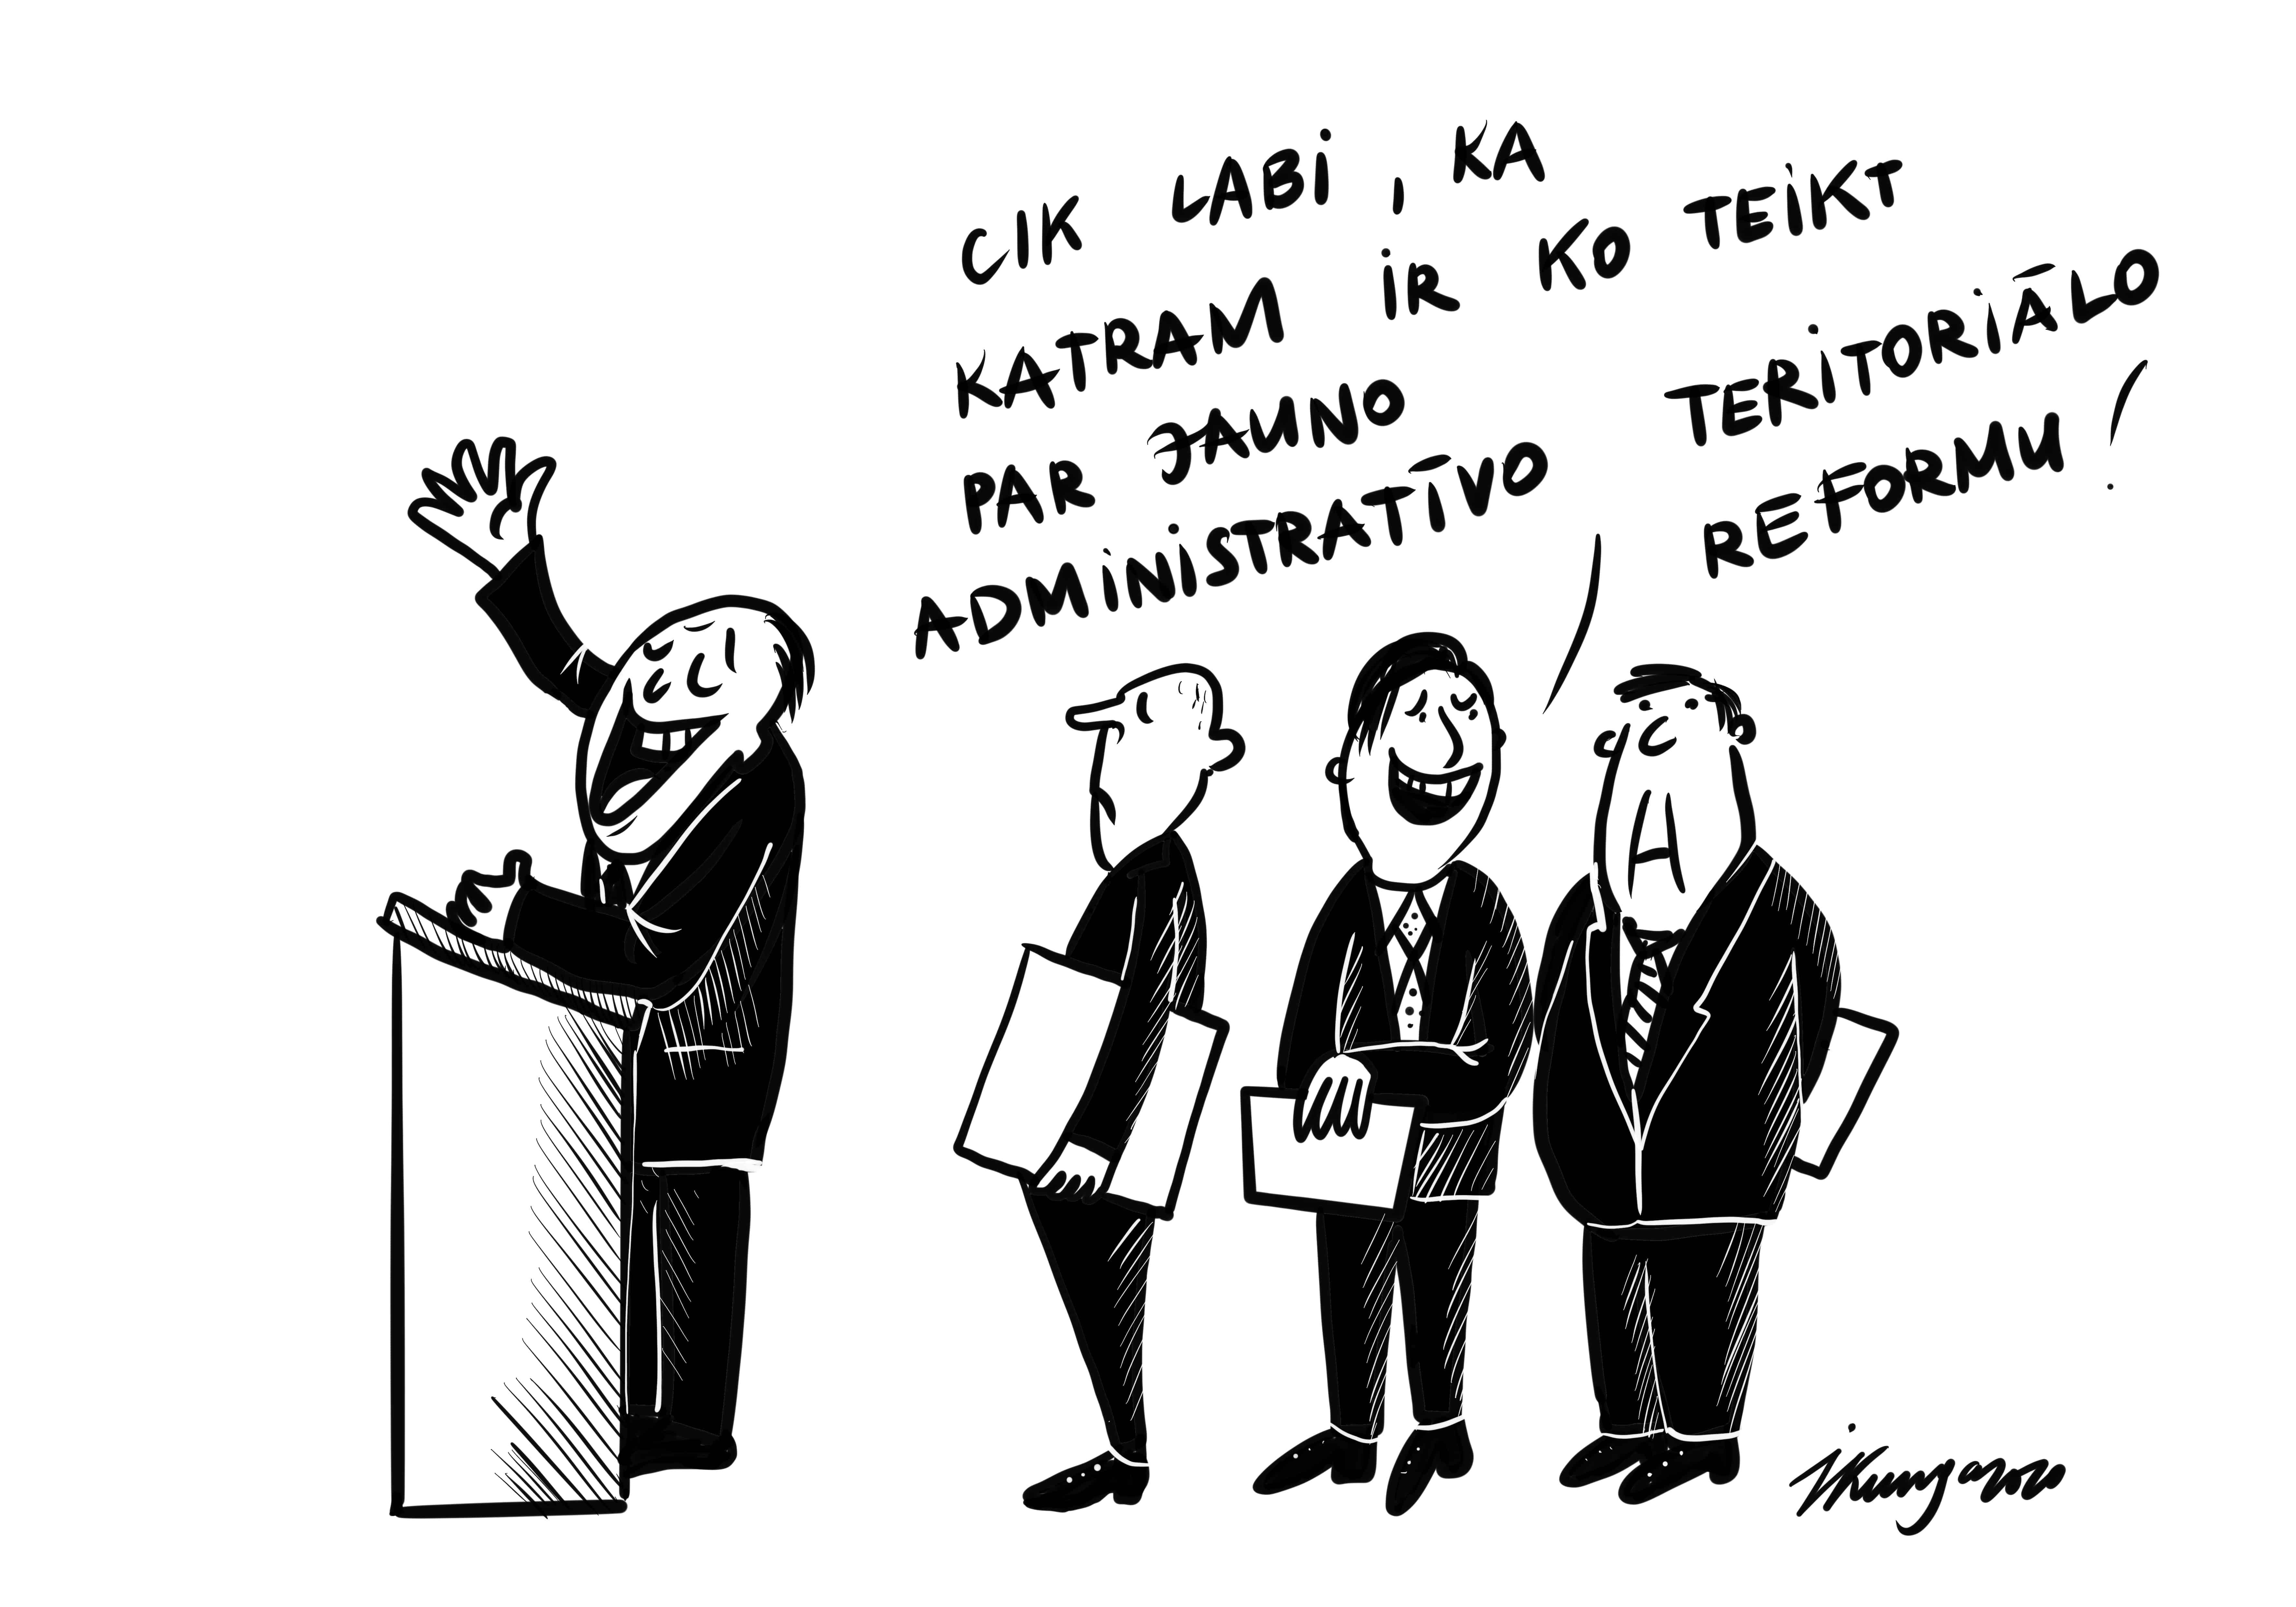 Karikatura_11-03-2020 - Saeima jau 4 dienas spriež par administratīvi teritoriālo reformu, to plāno darīt visu nedēļu.